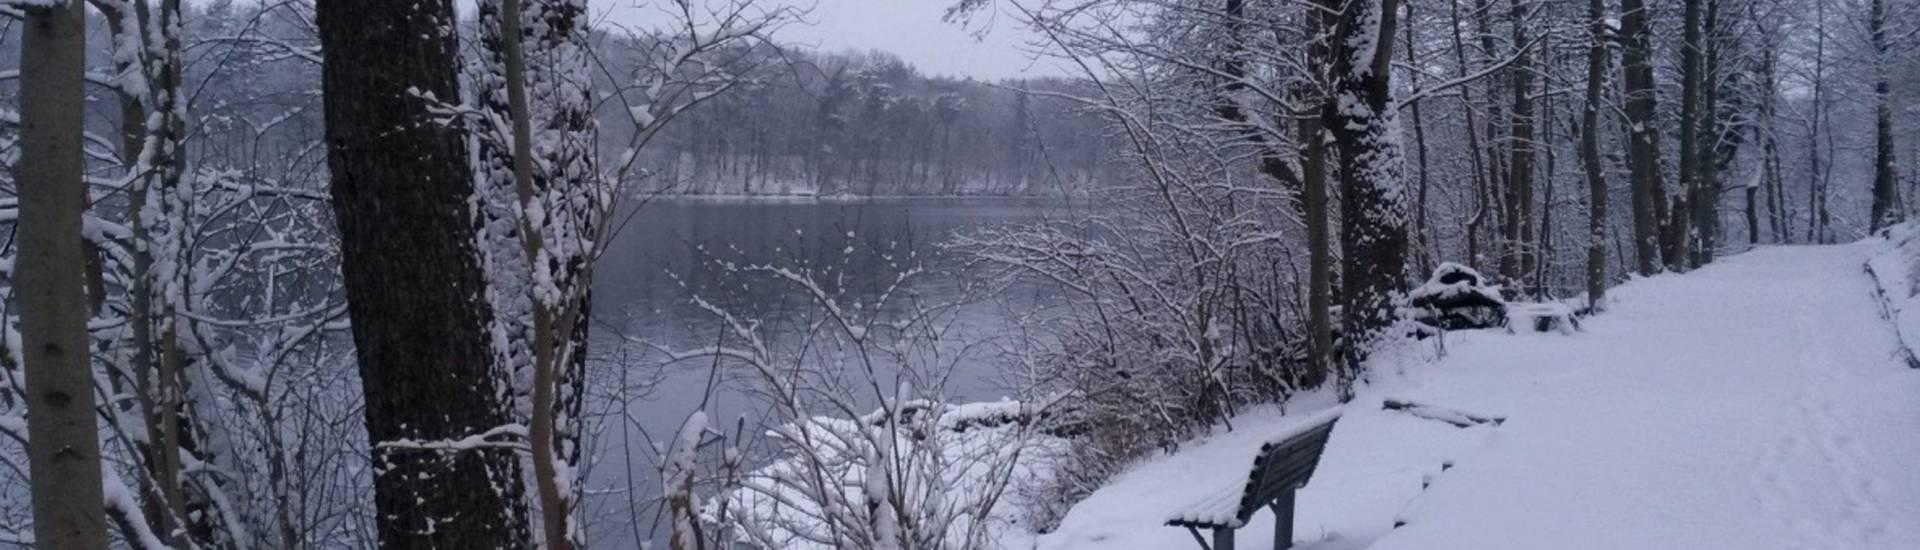 winter am straussee sabine olesch ©Sabine Olesch